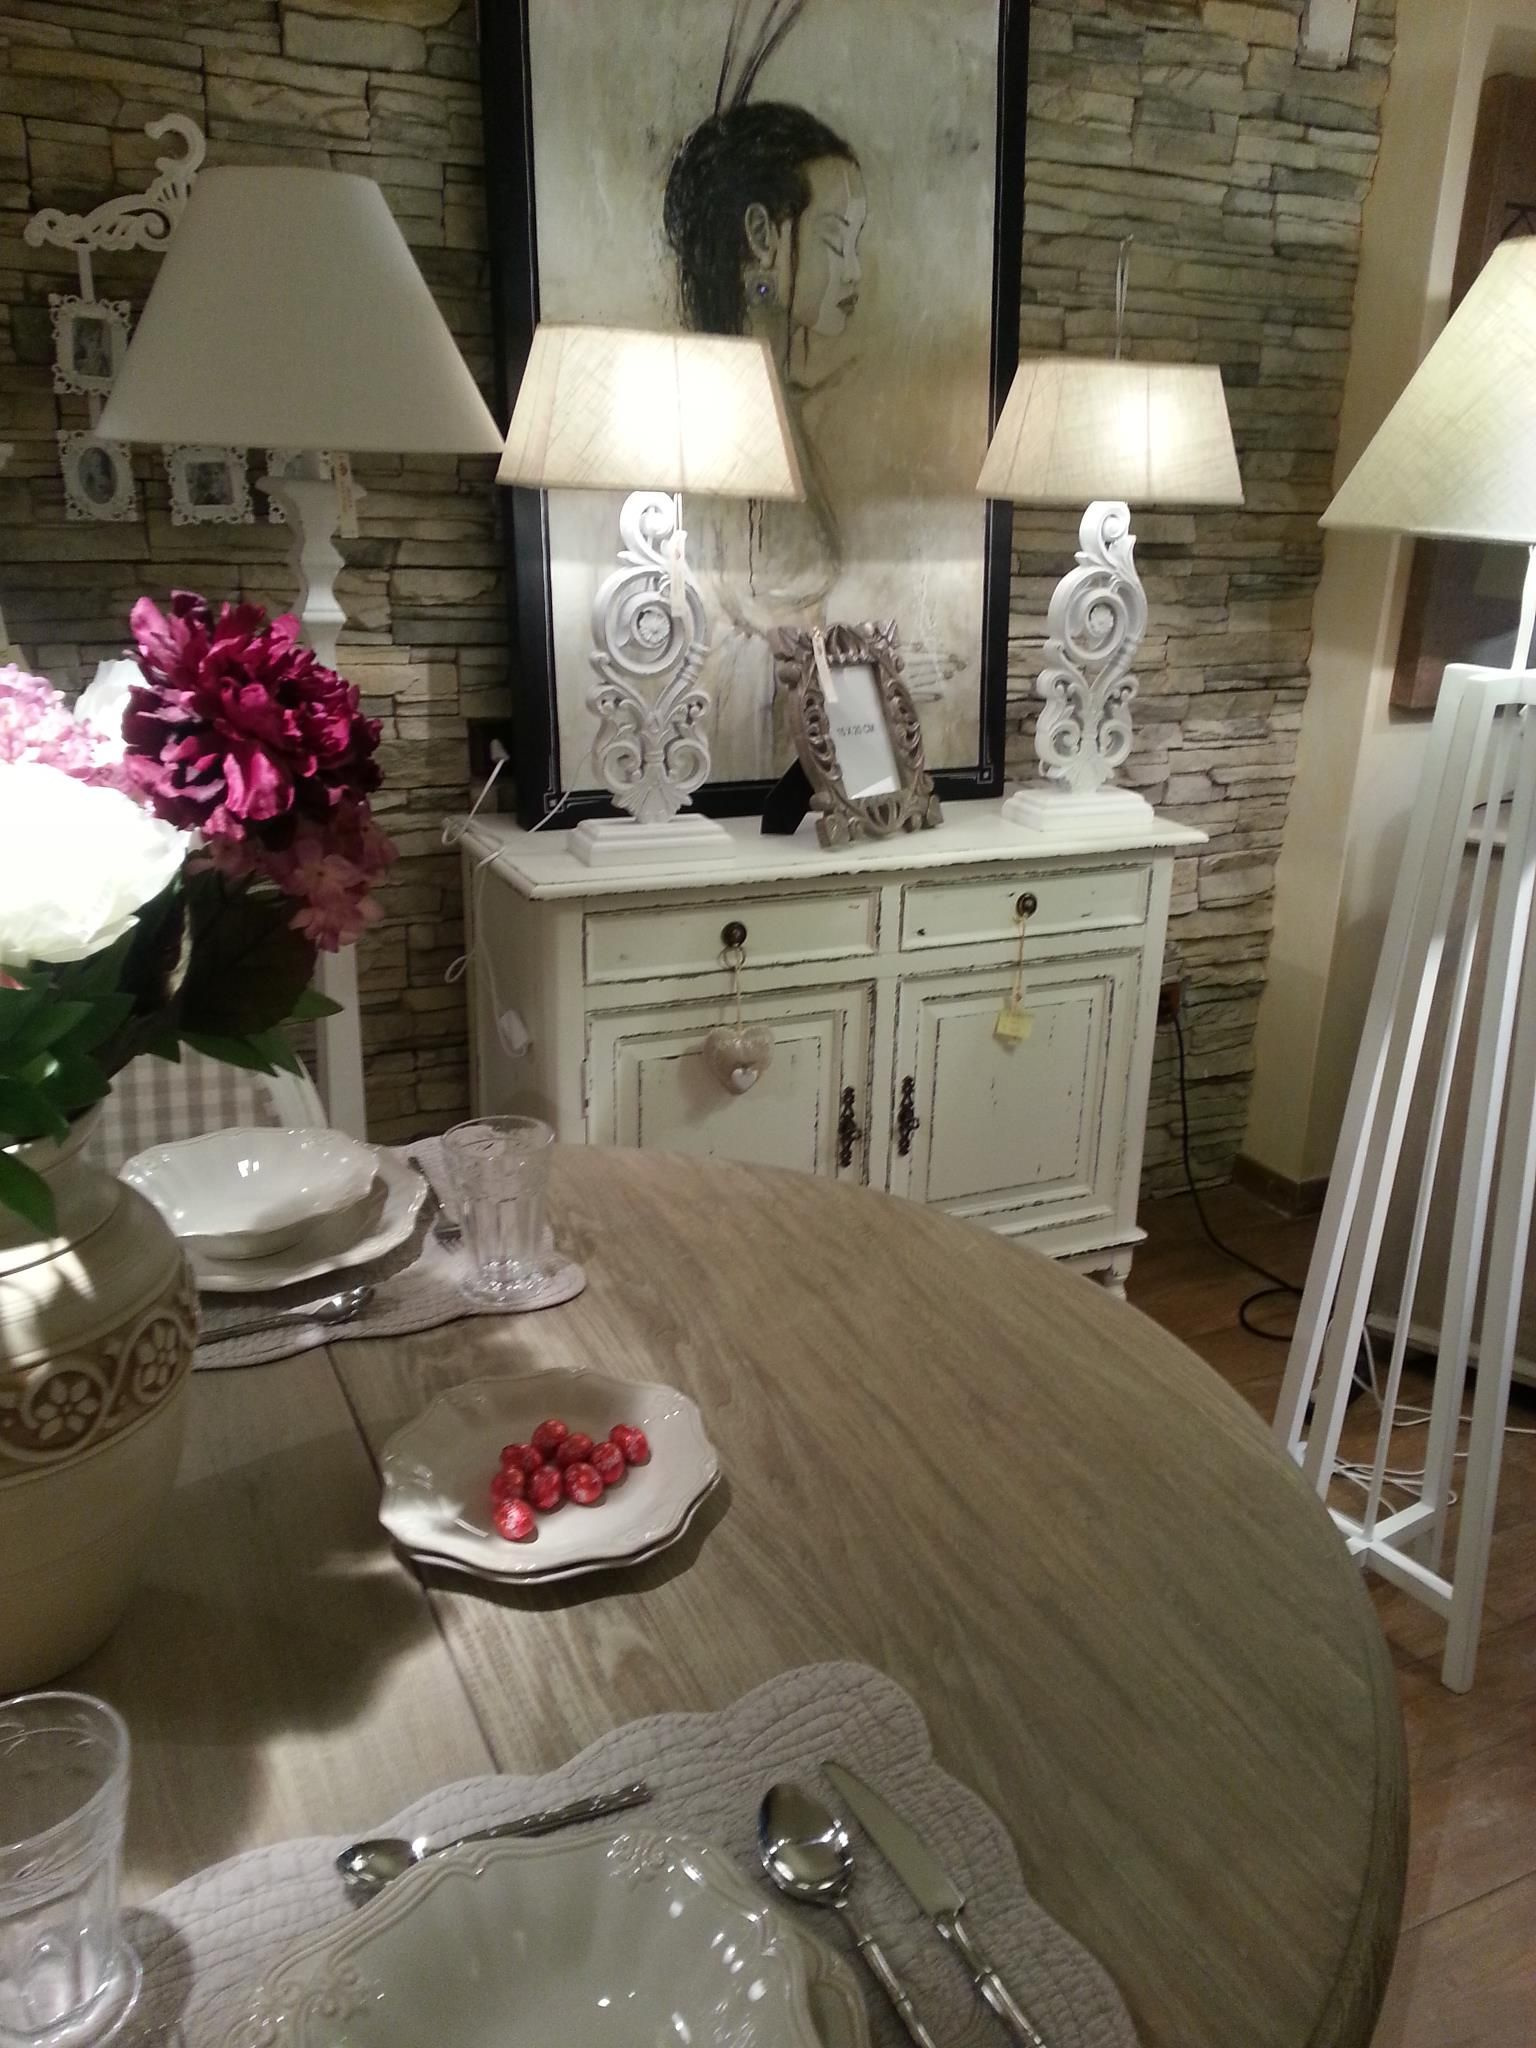 negozio di arredamenti firenze | domus art & decor | pinterest - Negozi Arredamento Design Firenze